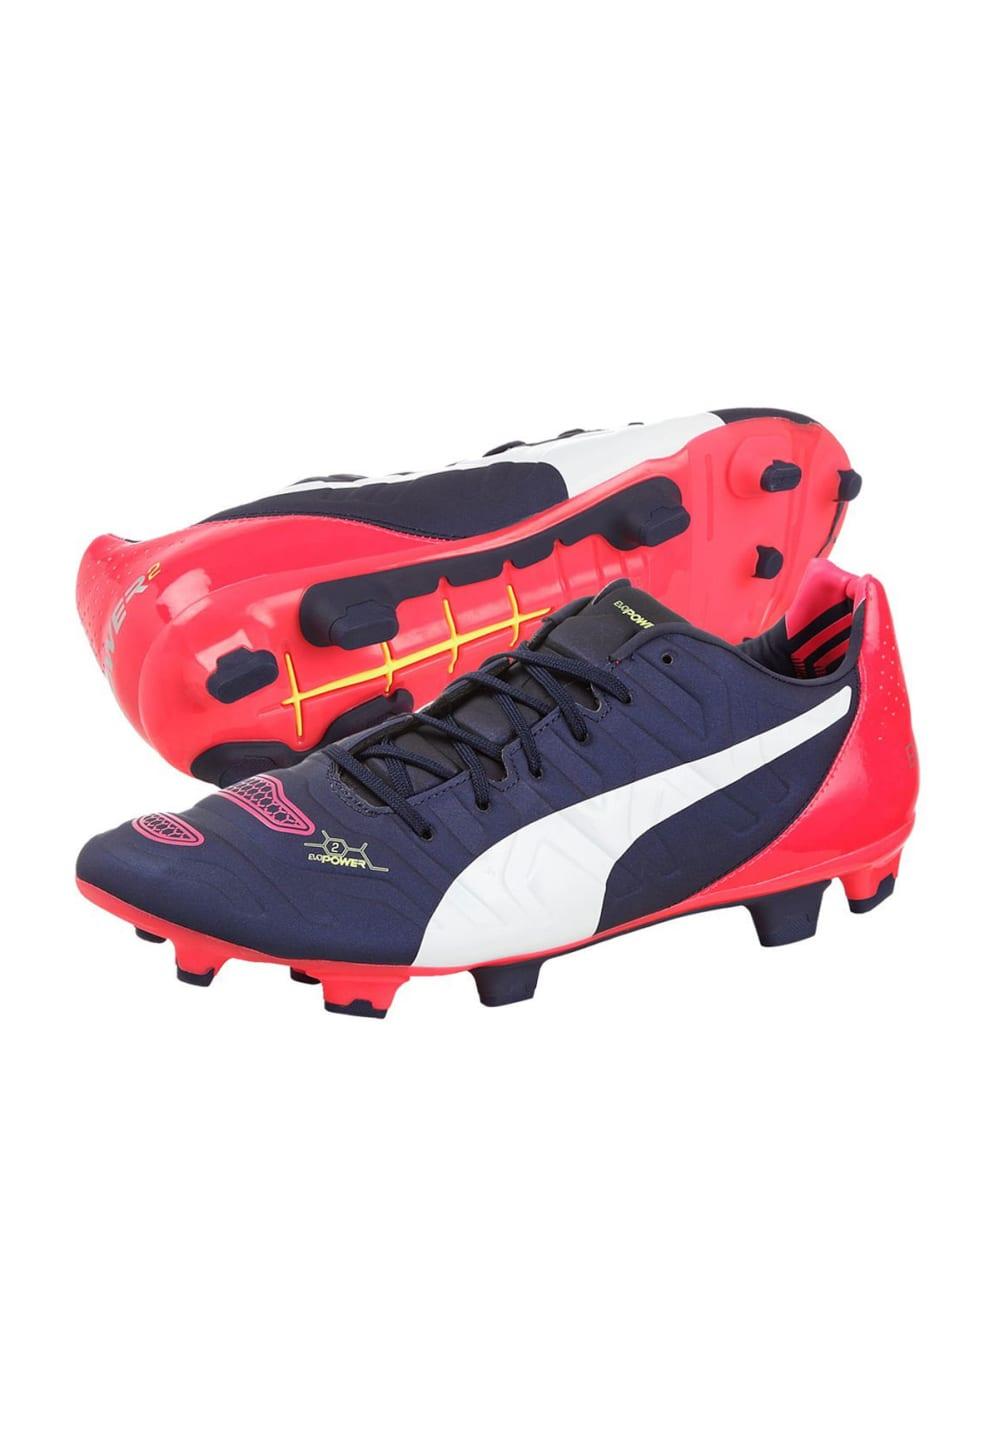 Puma evoPOWER 2.2 FG Chaussures de foot pour Homme Noir